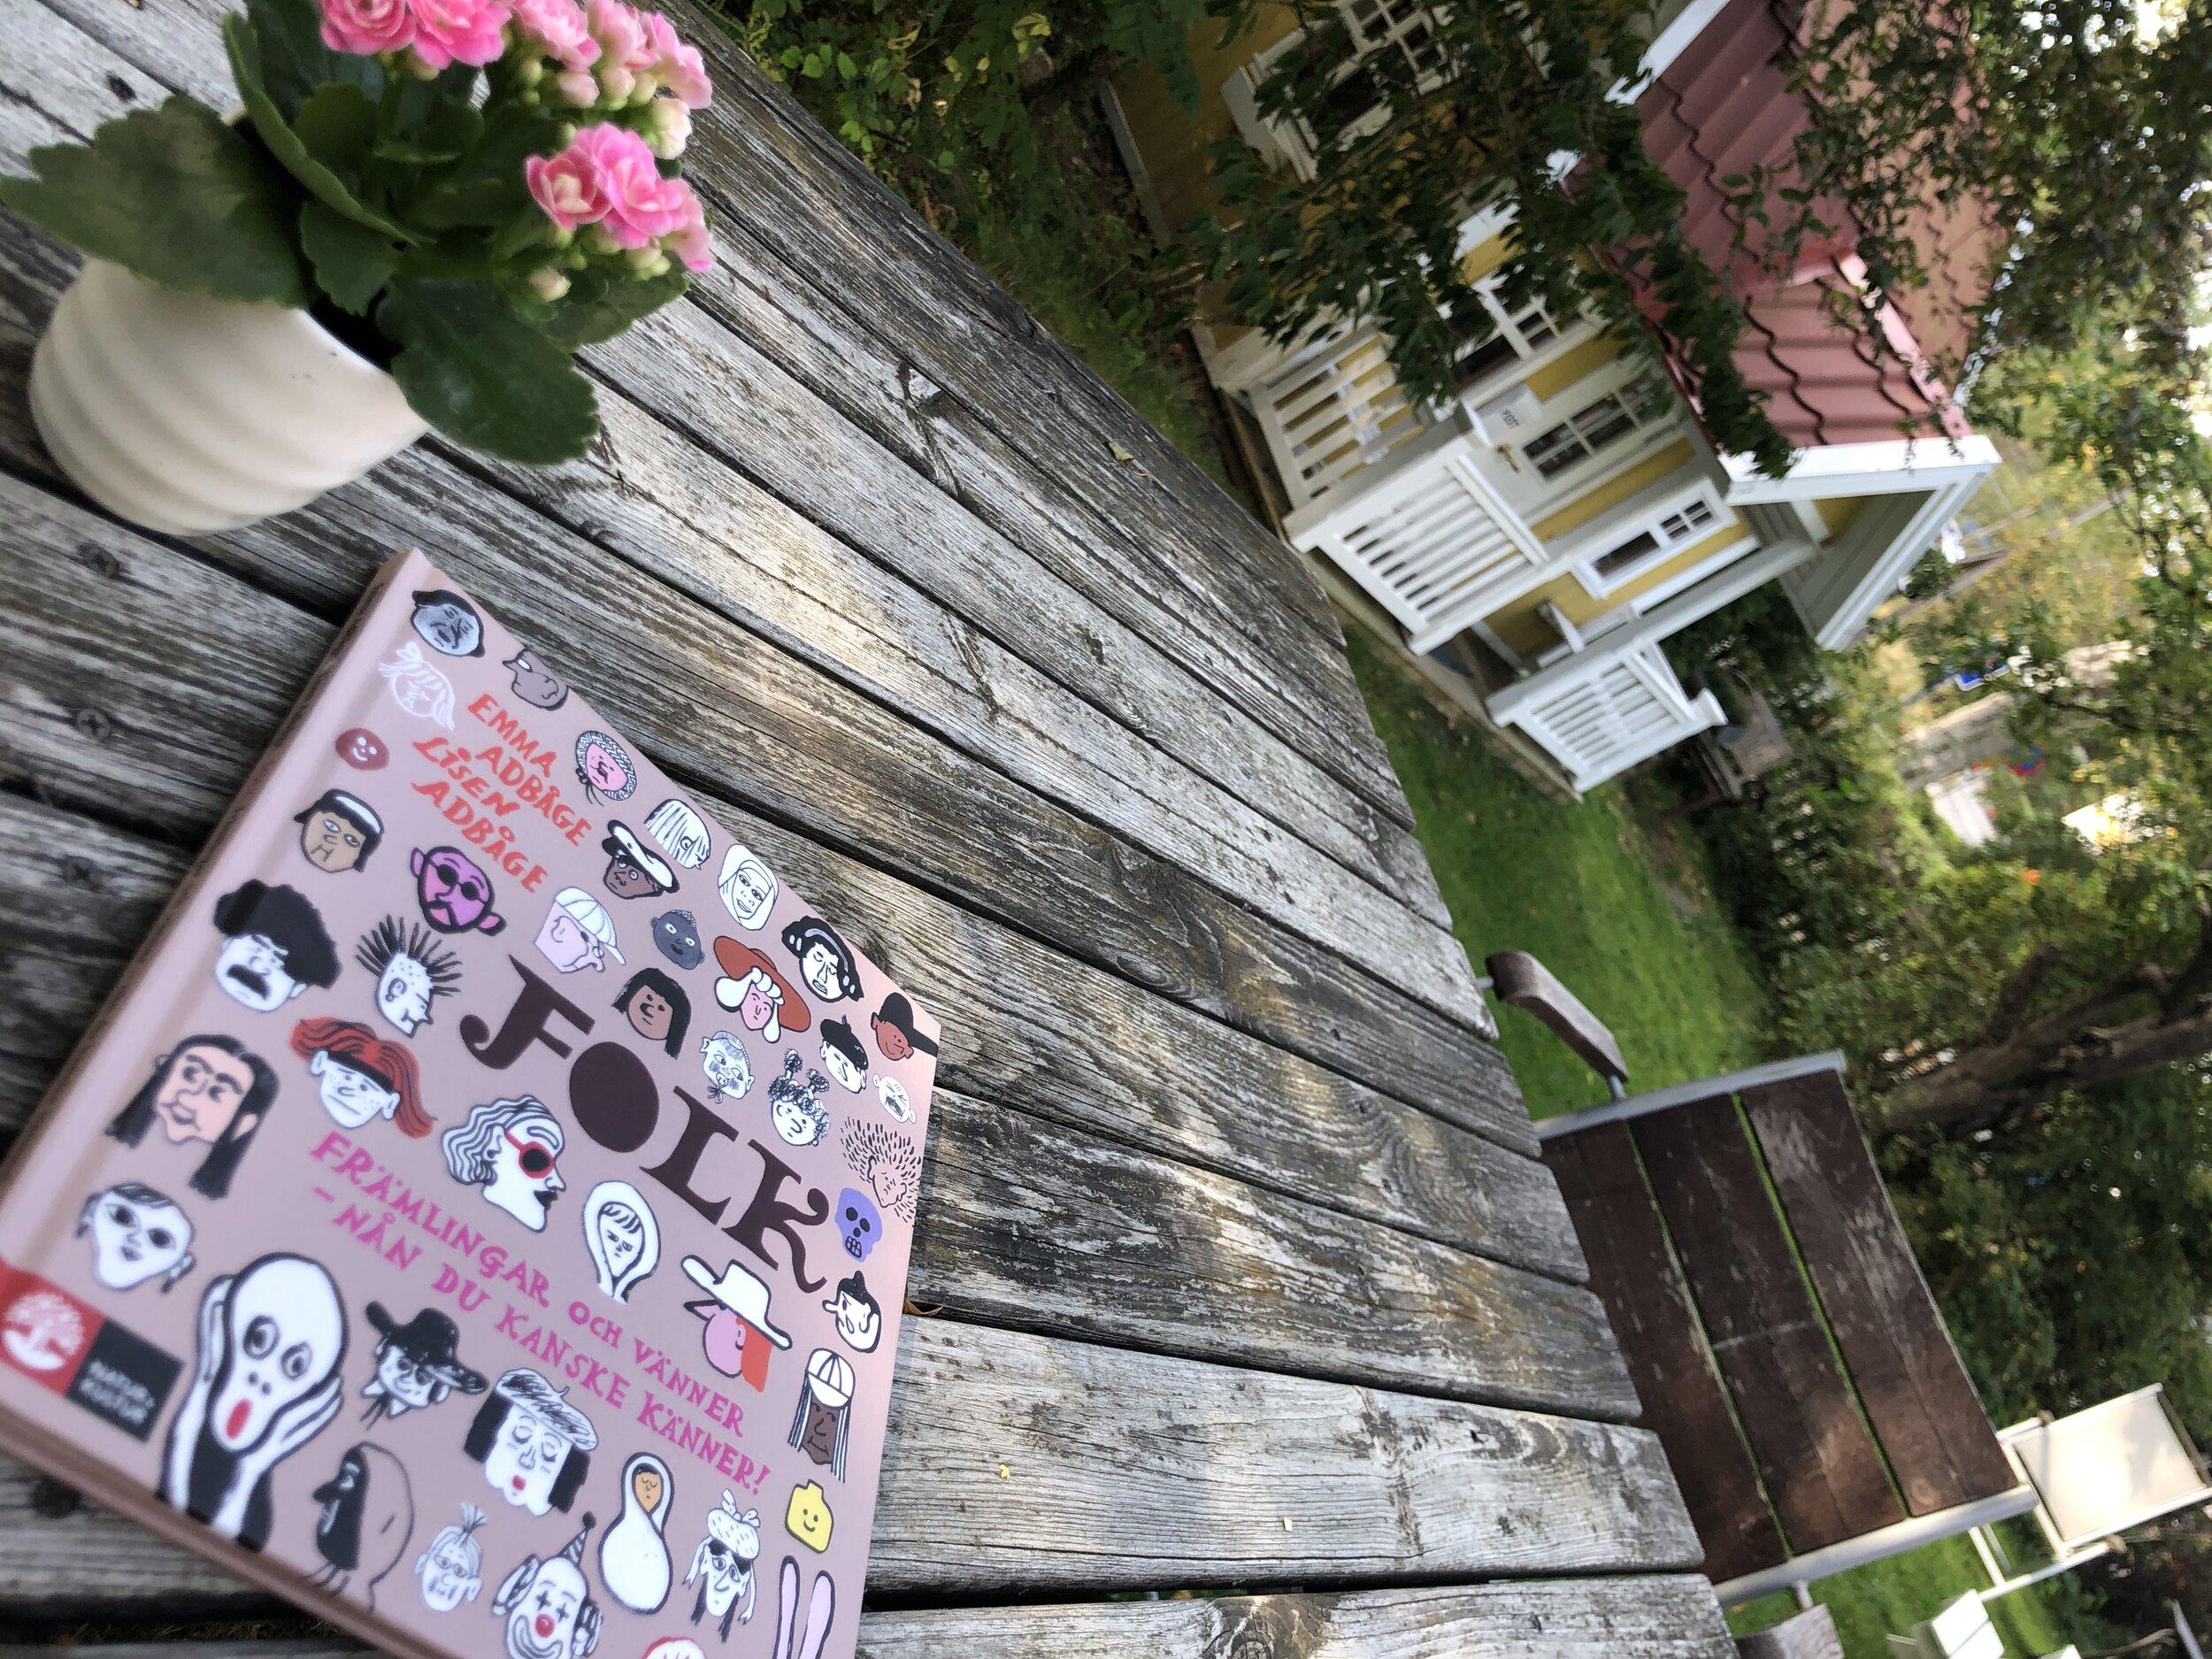 Folk Främlingar och vänner nån du kanske känner Emma Adbåge Lisen Adbåge Bibliotek Barnstugan